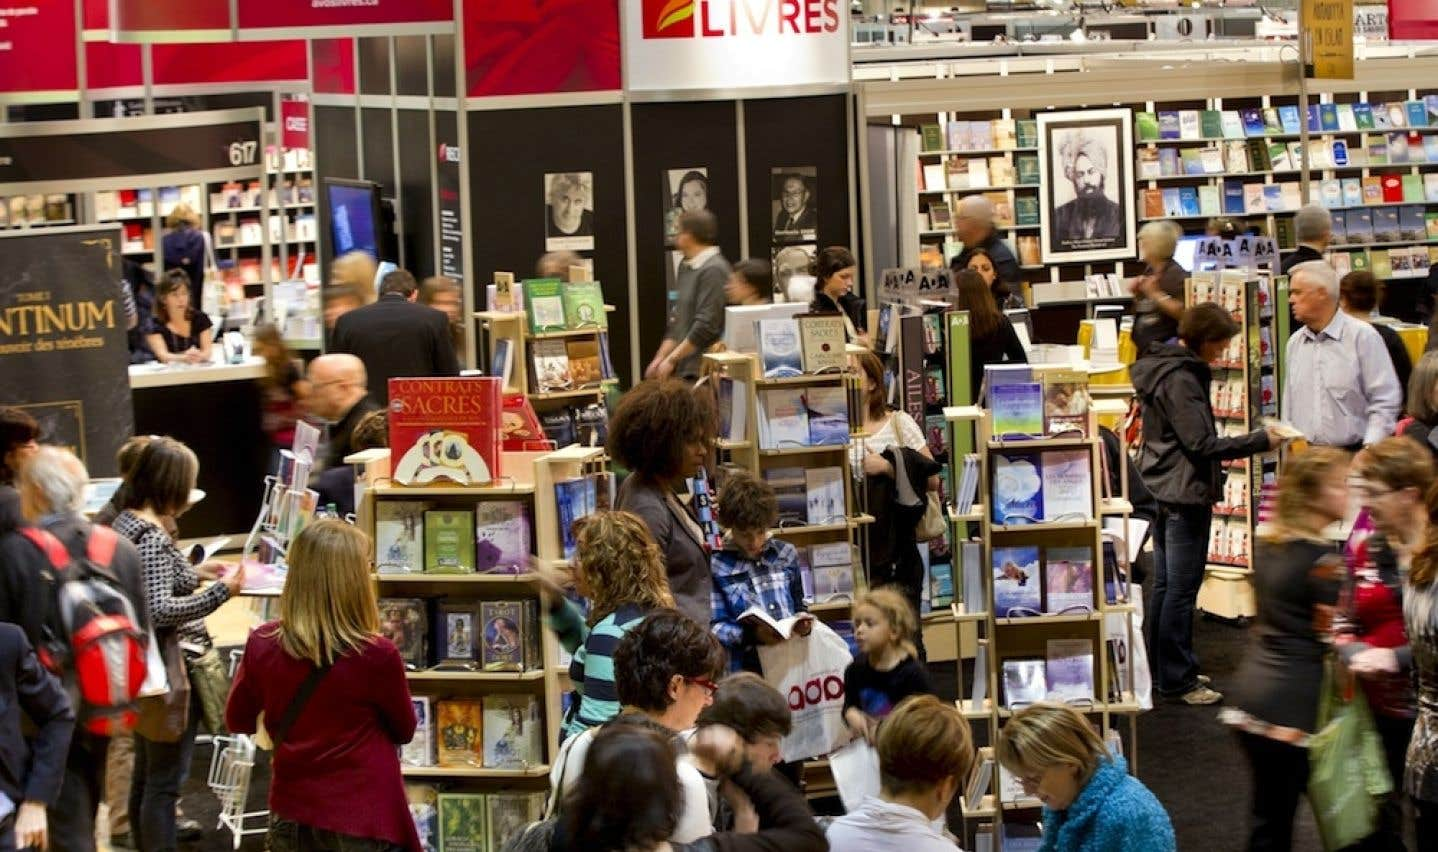 «Plus de 12 000 emplois directs sont en jeu dans le seul secteur du livre qui procure des revenus de près de 700 millions de dollars annuellement», insiste l'Union des écrivaines et des écrivains québécois.